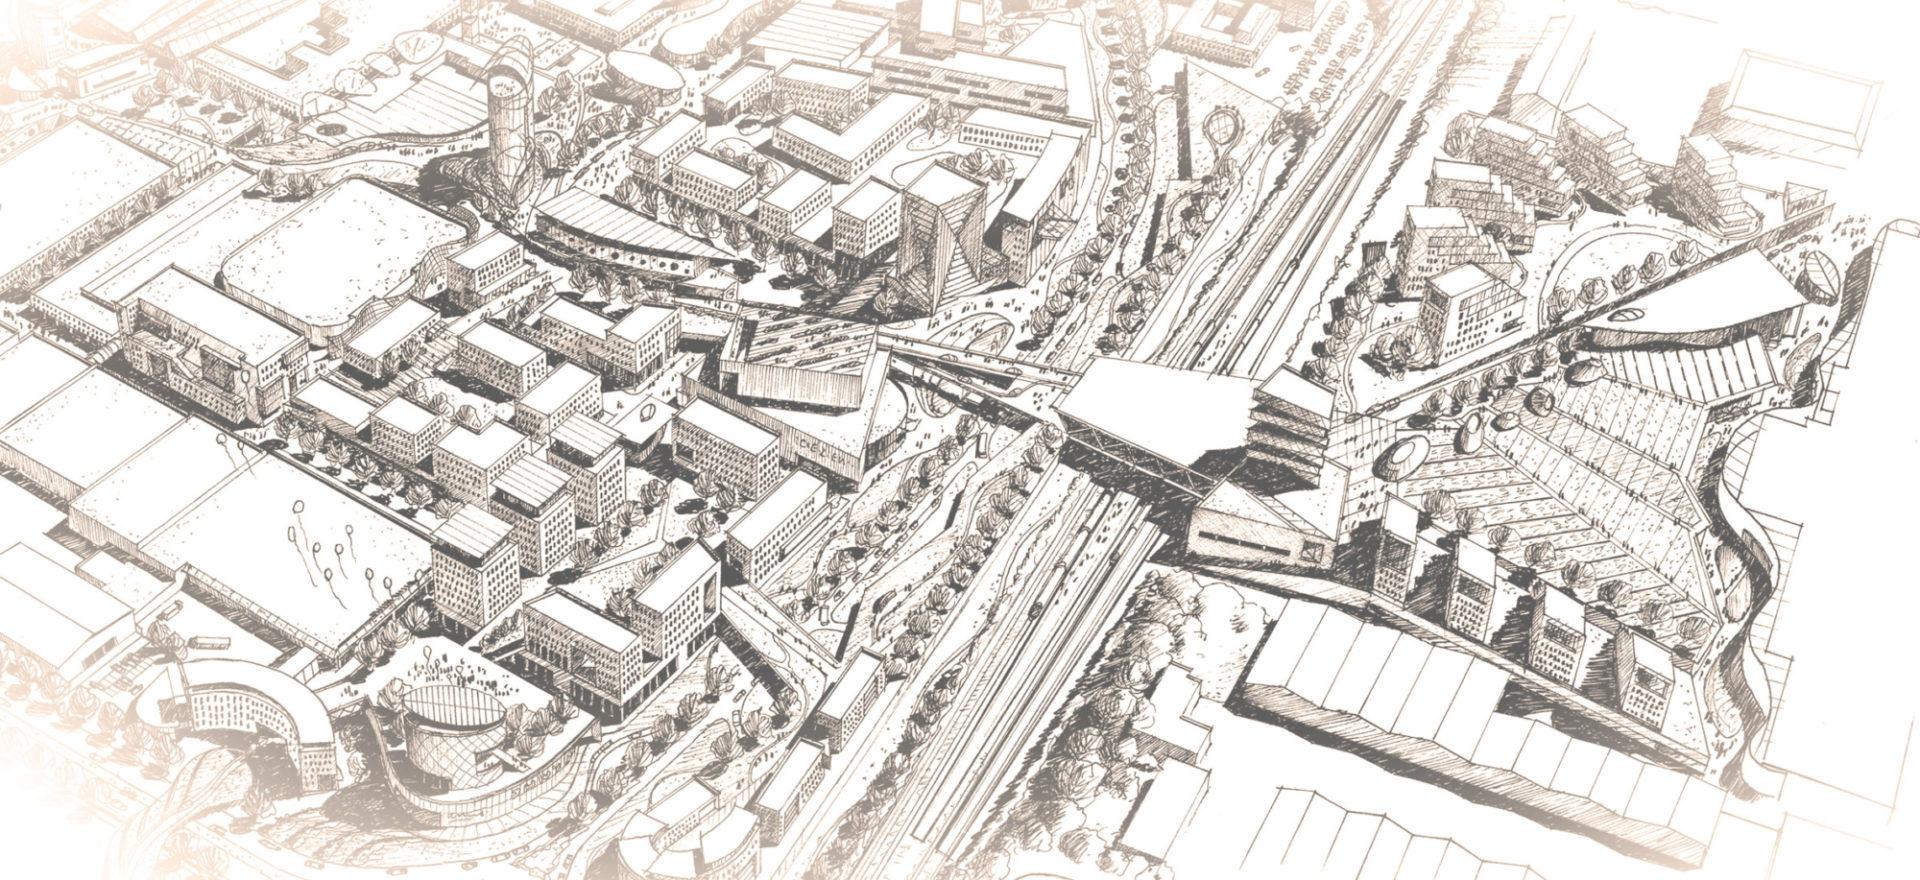 Image of Stevenage Vision 2035